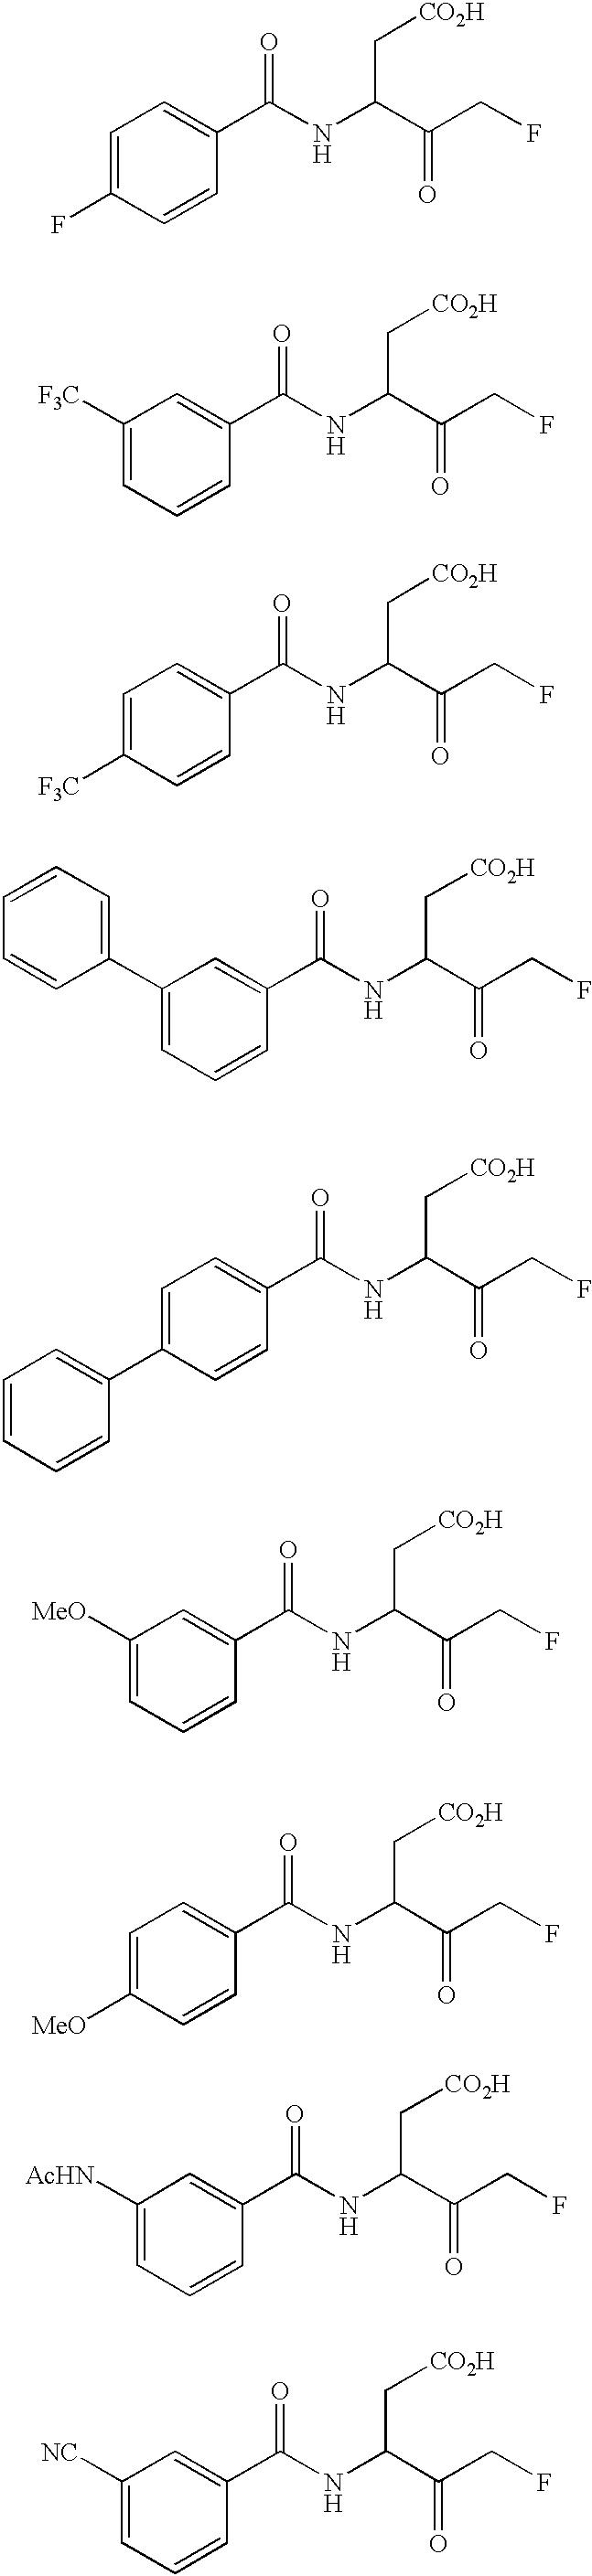 Figure US06632962-20031014-C00054